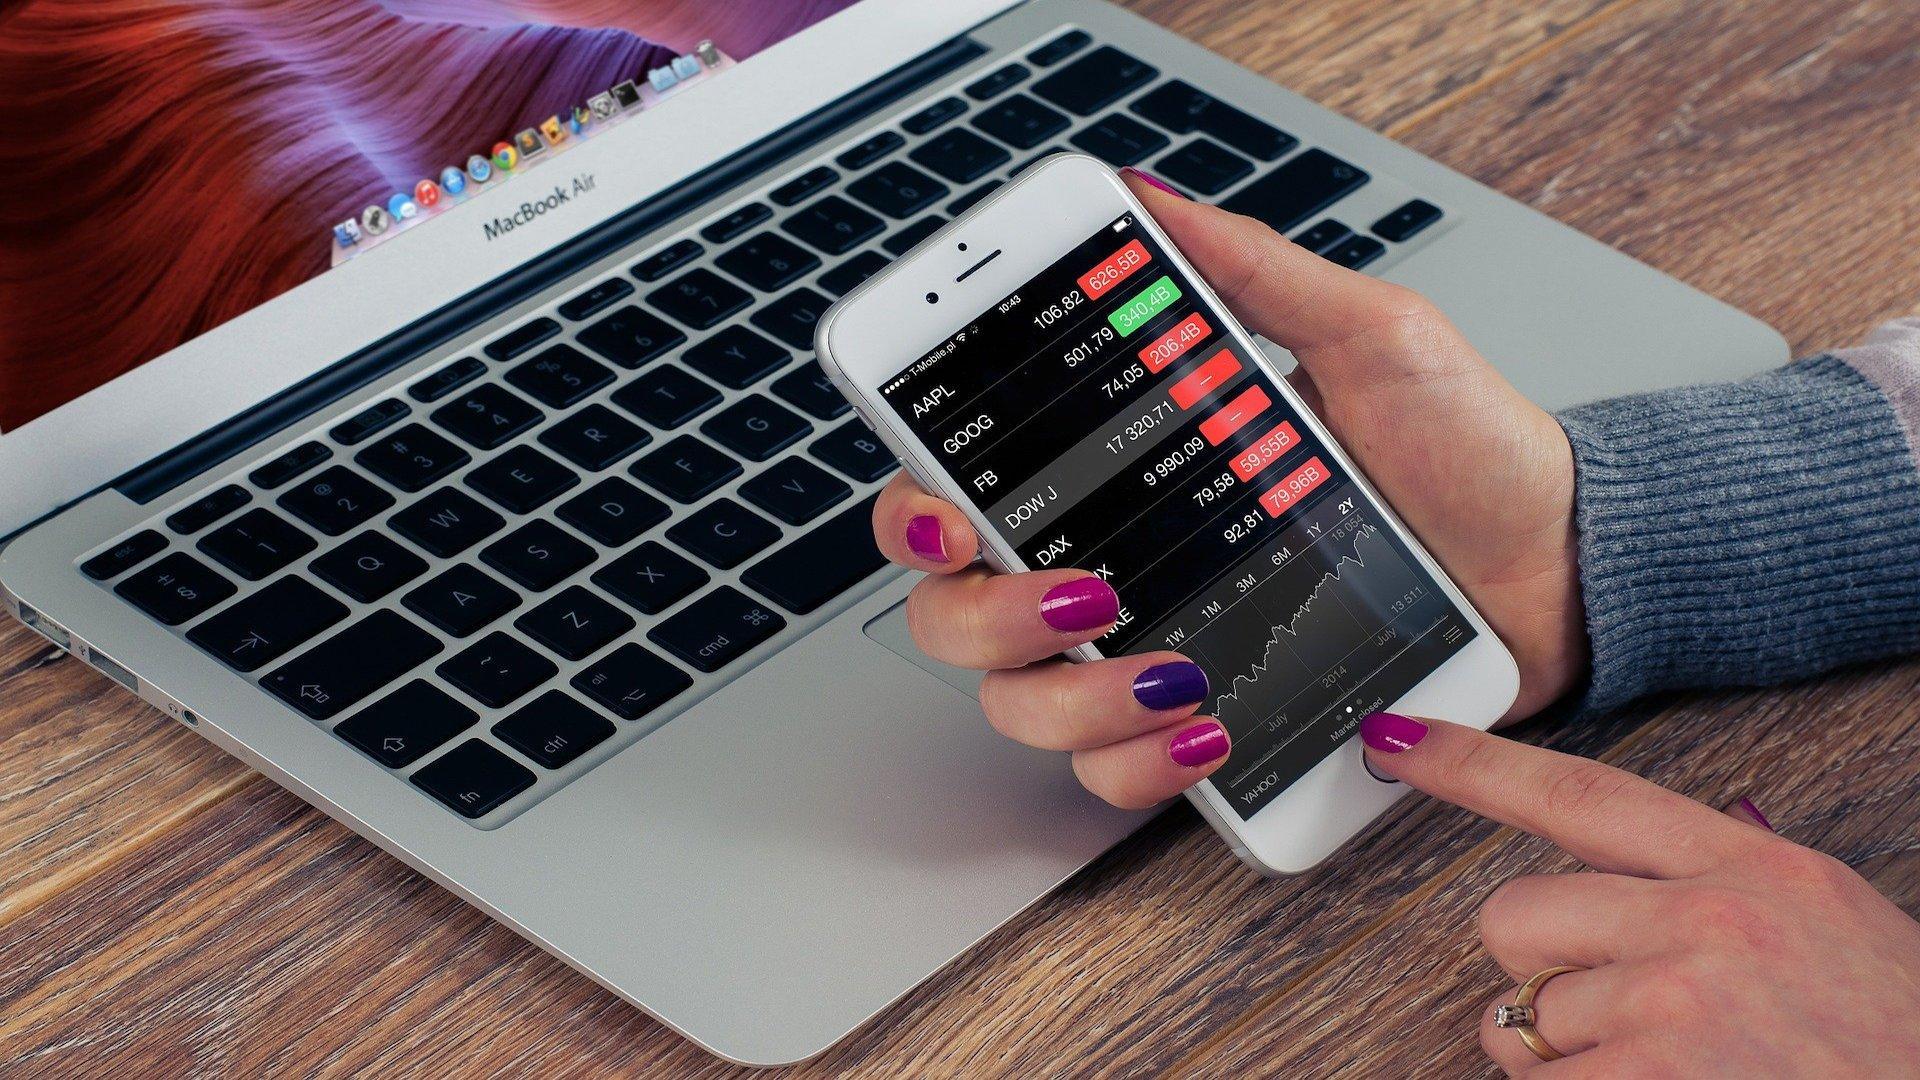 Aktien können Sie mit der App Trade Republic leicht handeln